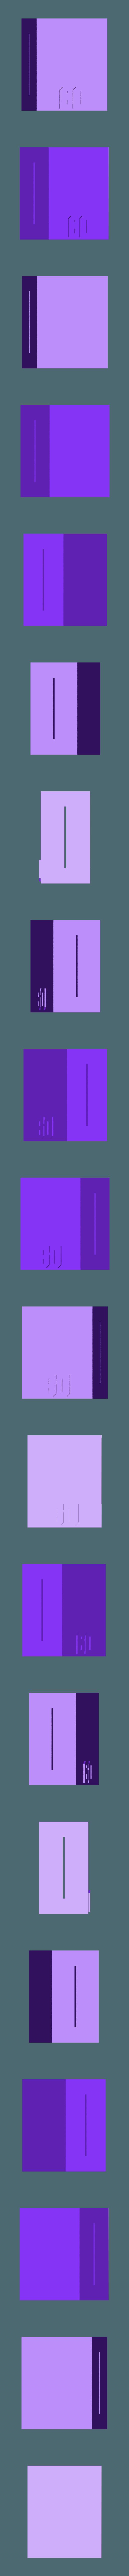 seka%C4%8D_cevi_60.stl Télécharger fichier STL gratuit Séparateurs de tuyau en plastique • Modèle imprimable en 3D, manukrafter